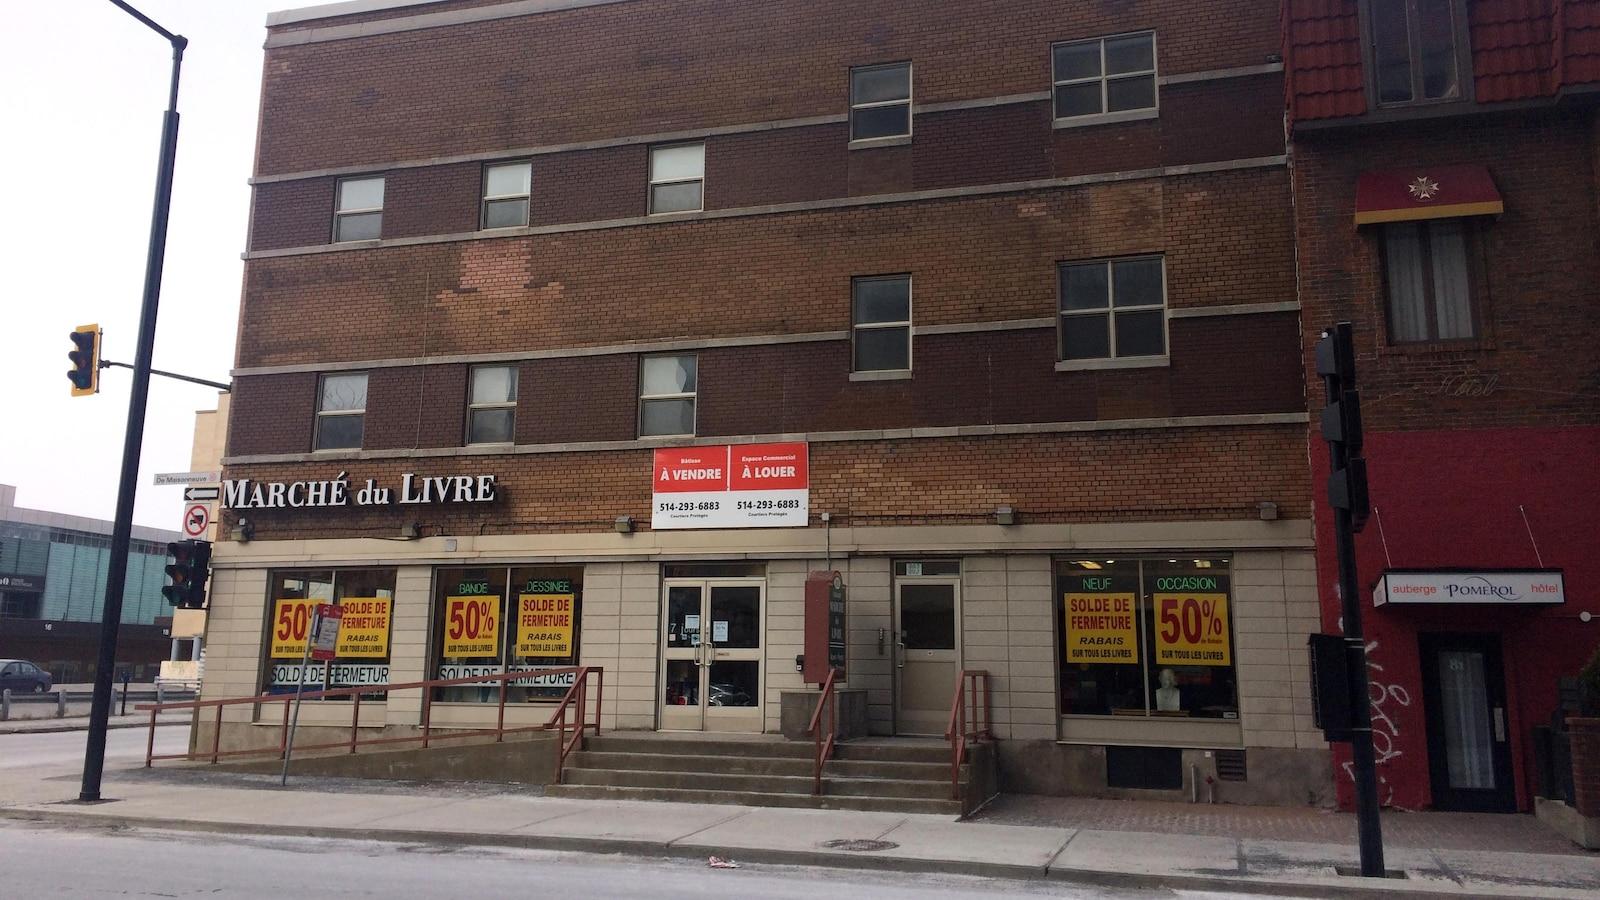 La librairie Marché du livre, située à Montréal, au croisement des rues De Maisonneuve et Saint-Hubert. On peut y voir plusieurs affiches annonçant la fermeture et le rabais de 50%.